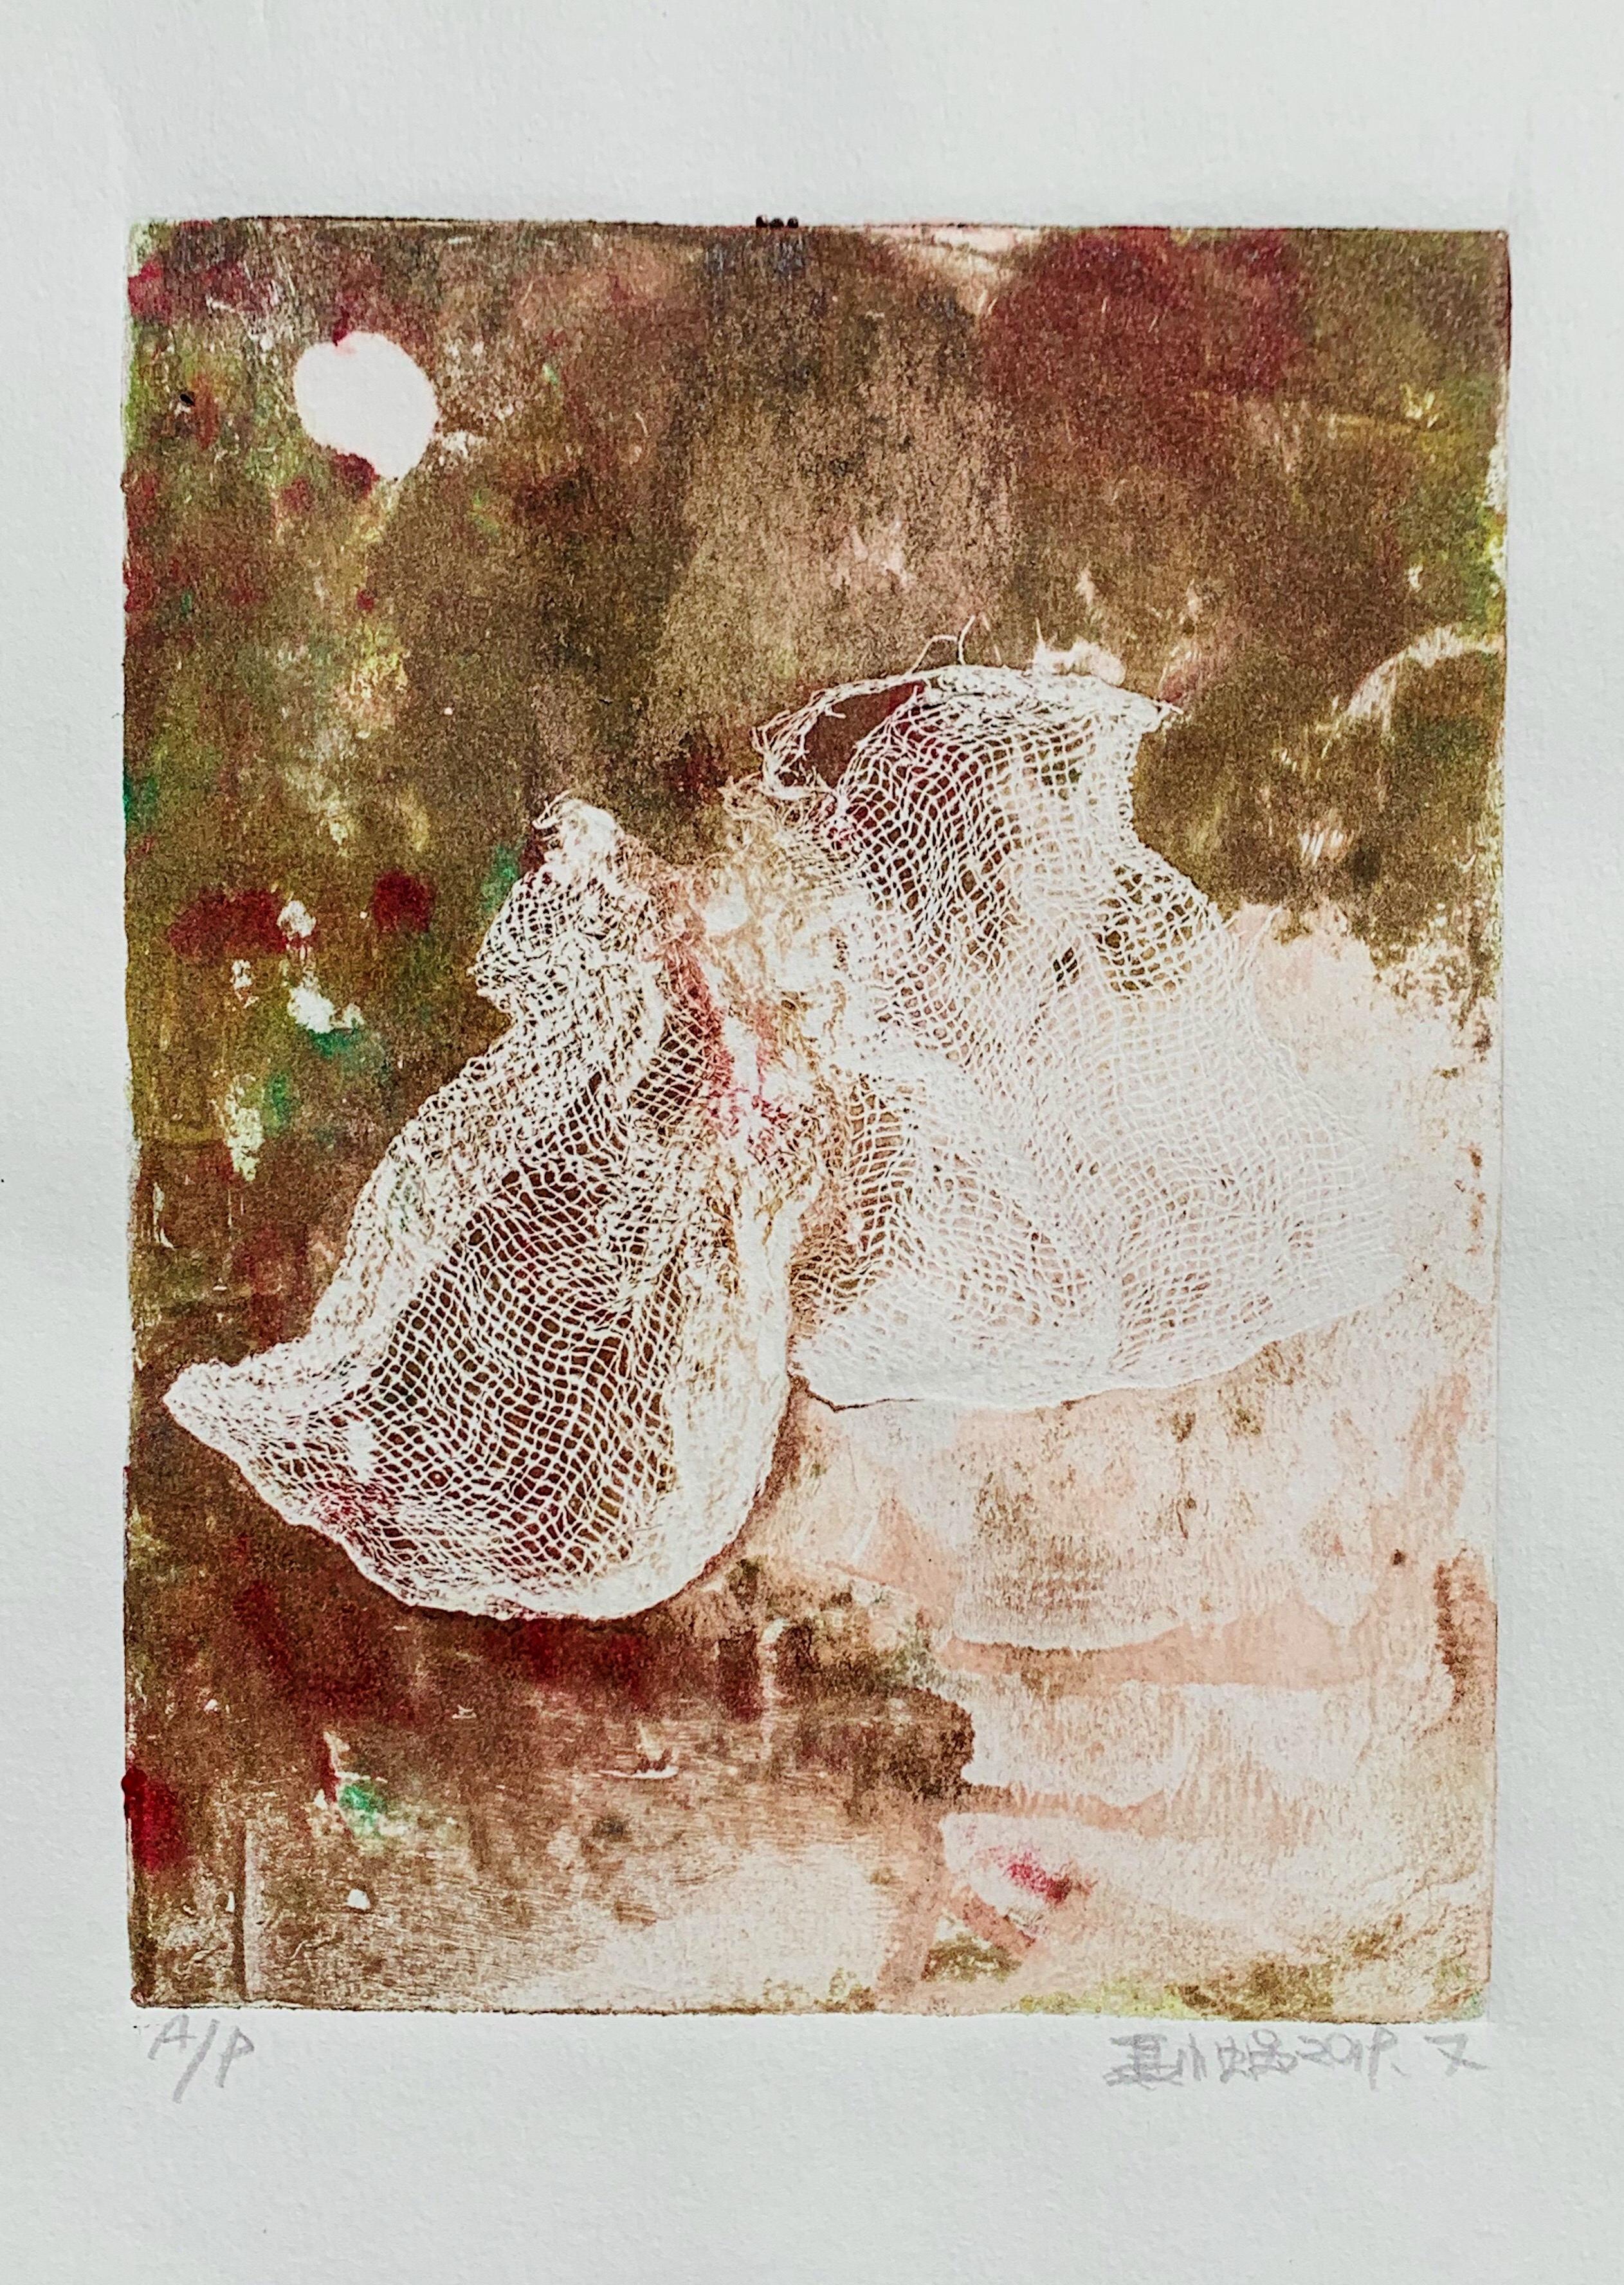 艺术签名收藏礼物海系列独幅版画原稿装饰摆挂